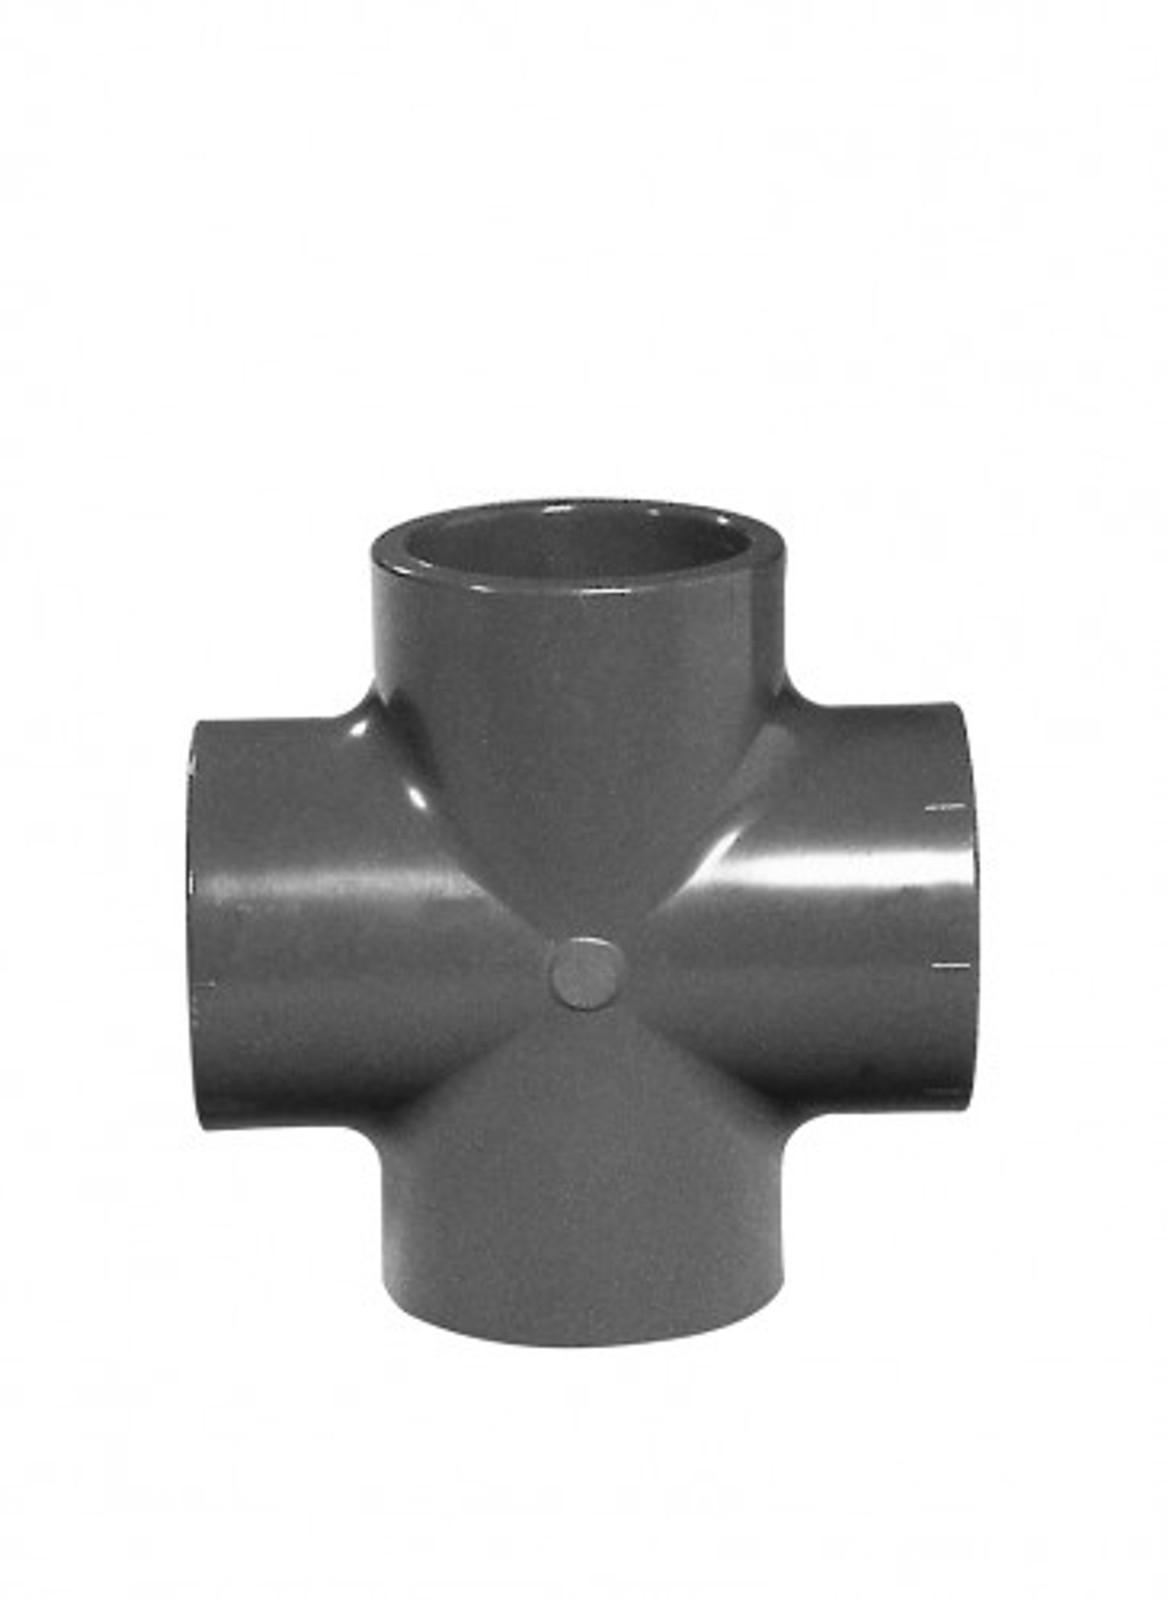 Kreuzstück 90°, 20 mm aus PVC